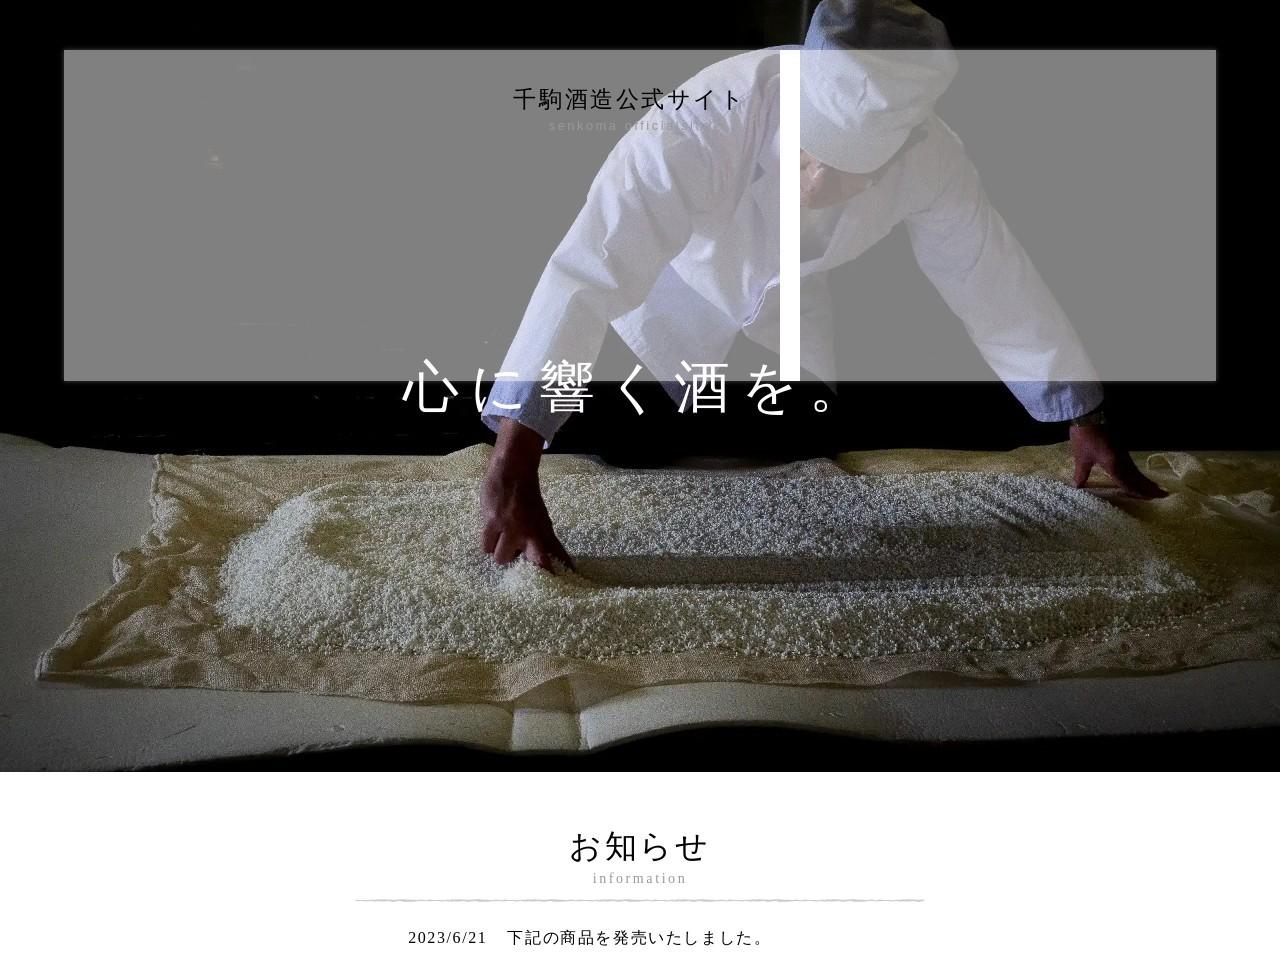 千駒酒造 オフィシャルホームページ 福島県白河市の日本酒・清酒の蔵元『美味しいね』その笑顔の為に、日々酒の旨さを追及しています。